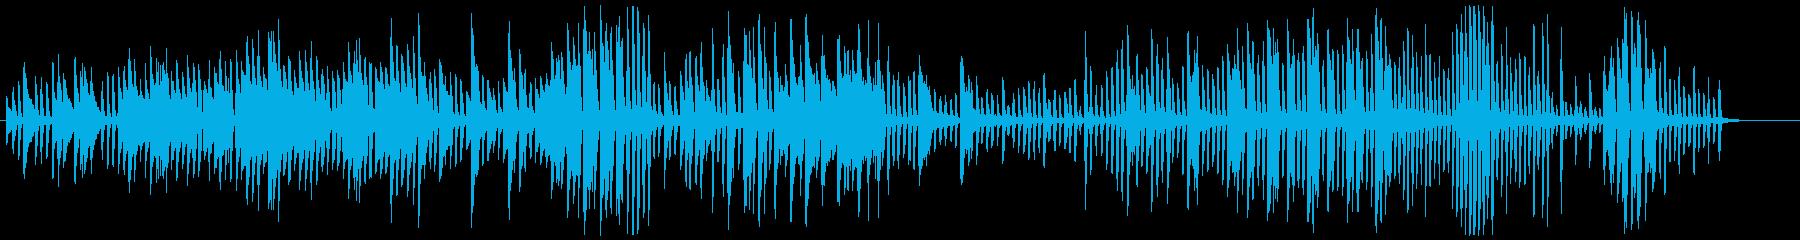 全音階を多用した奇妙なイメージBGMの再生済みの波形